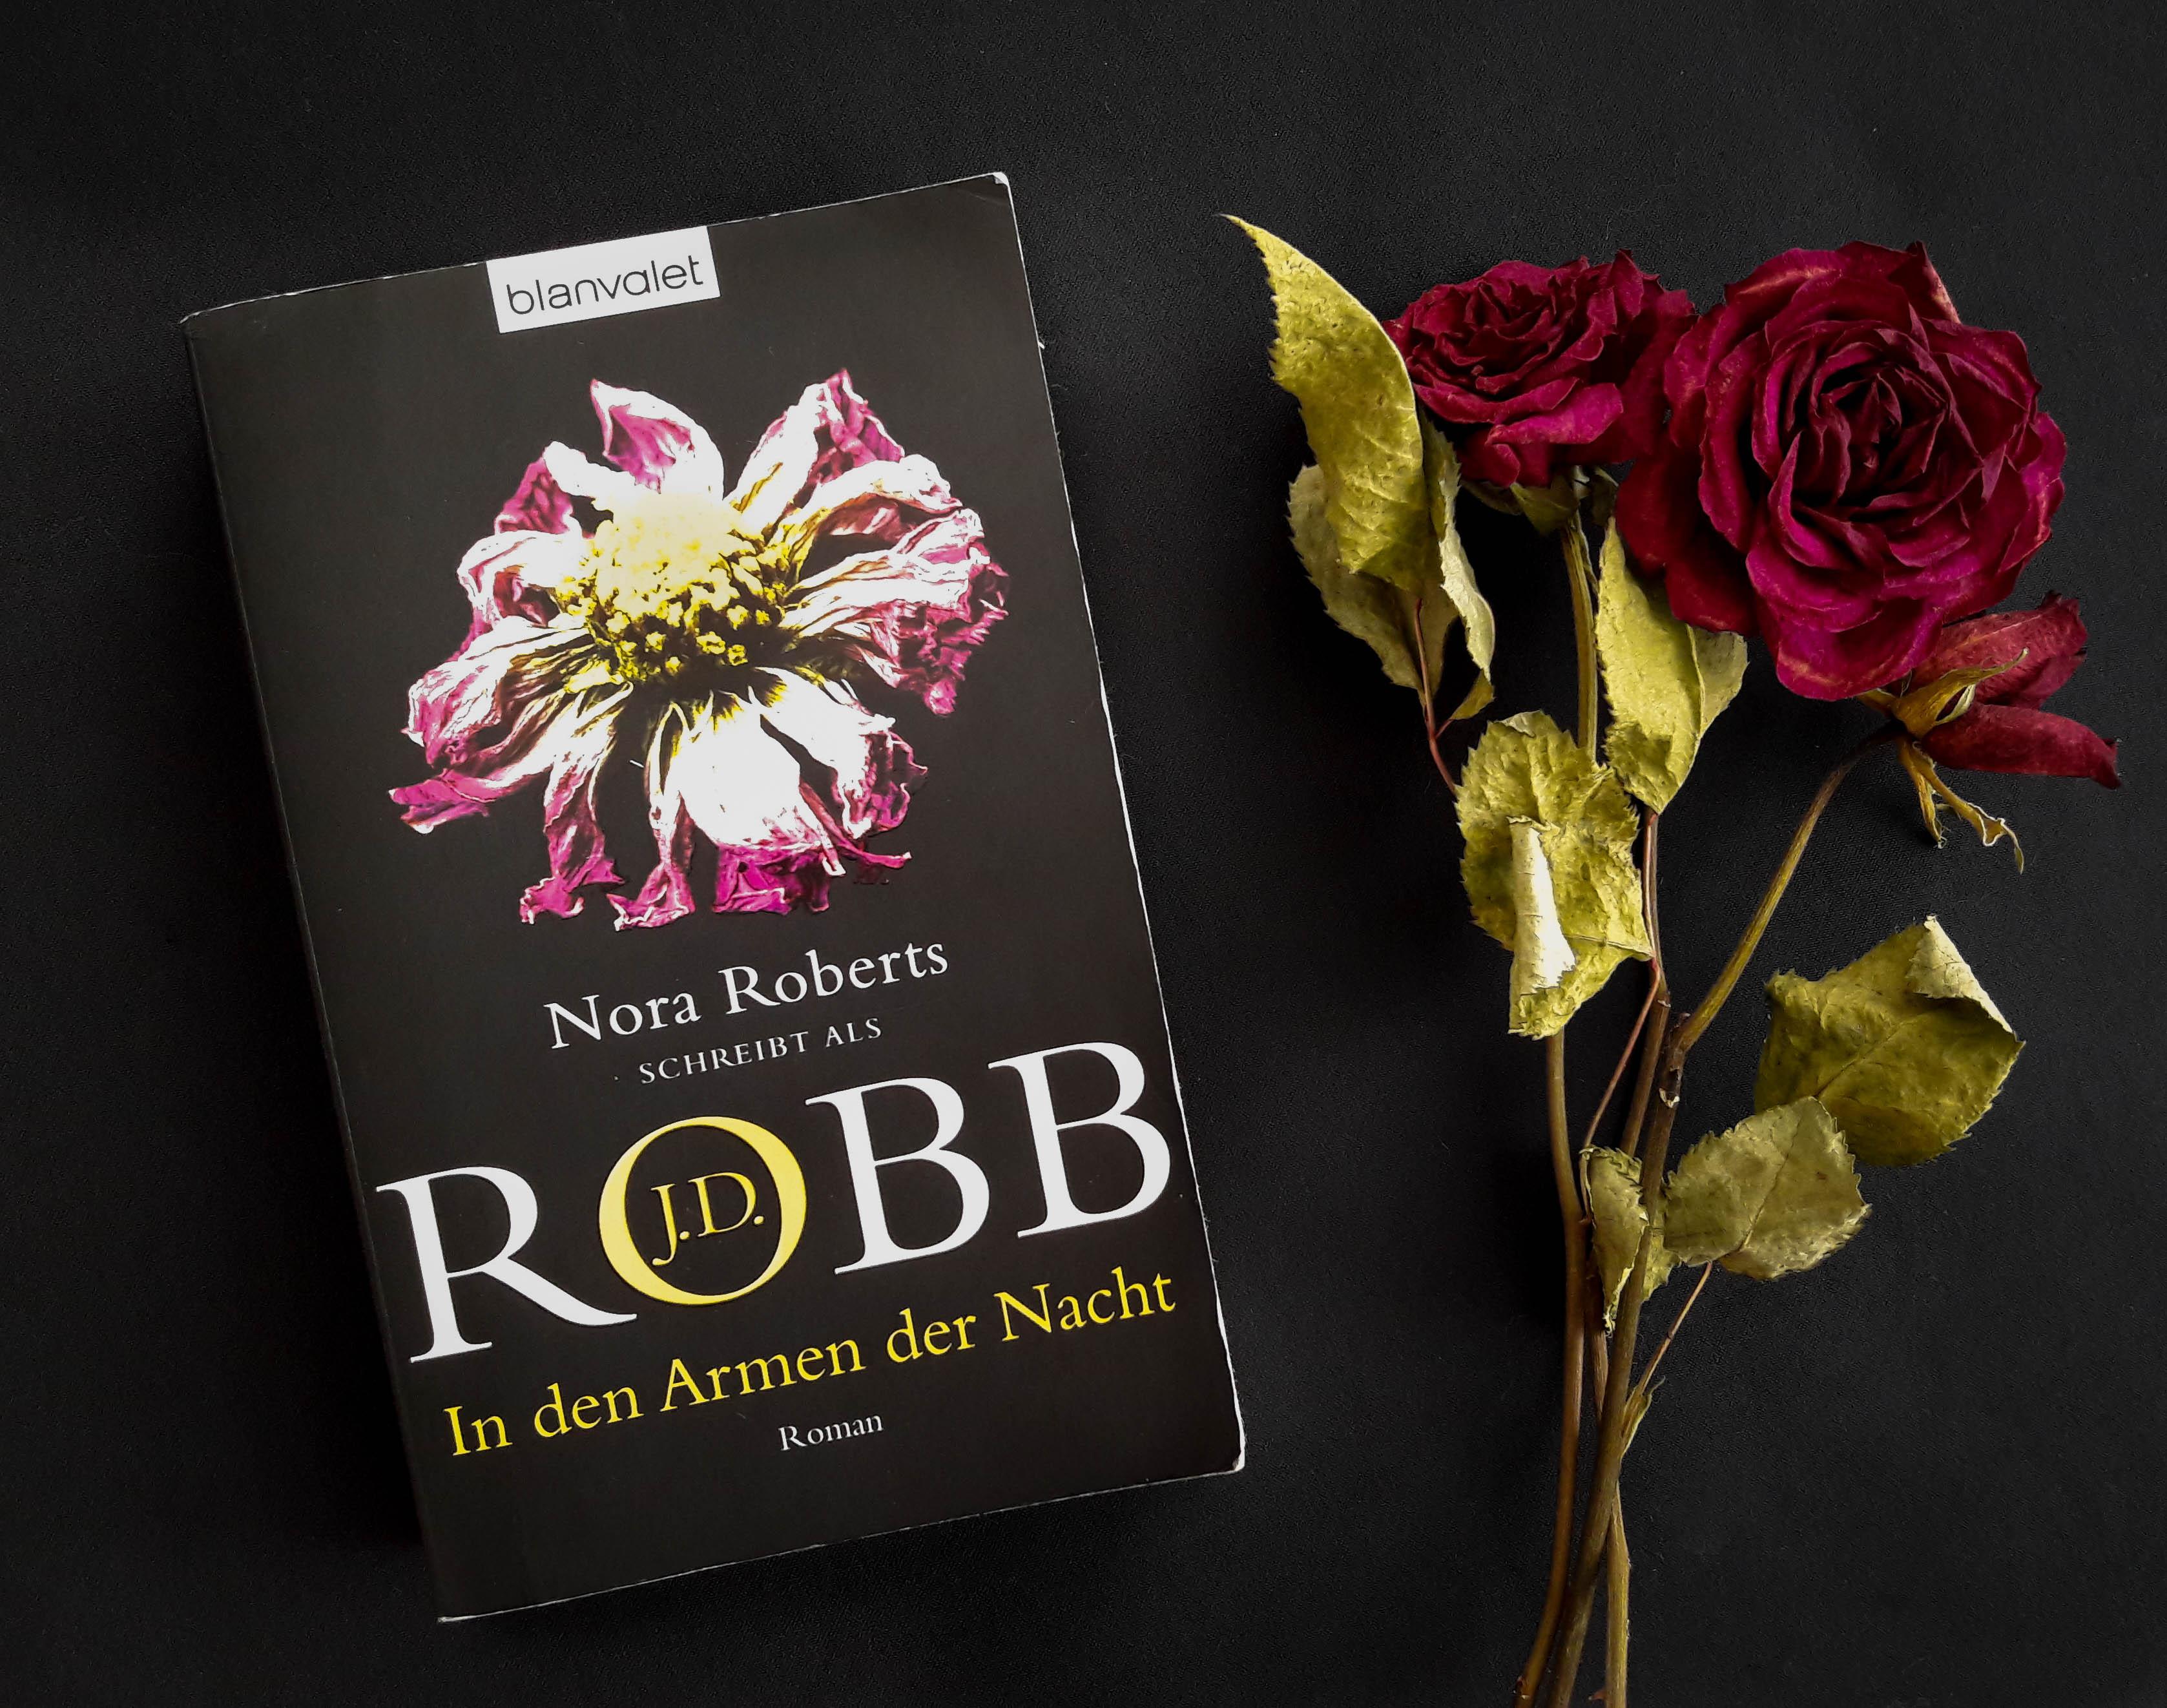 In den Armen der Nacht (Eve Dallas, Band 20) – Nora Roberts alias J. D. Robb graphic